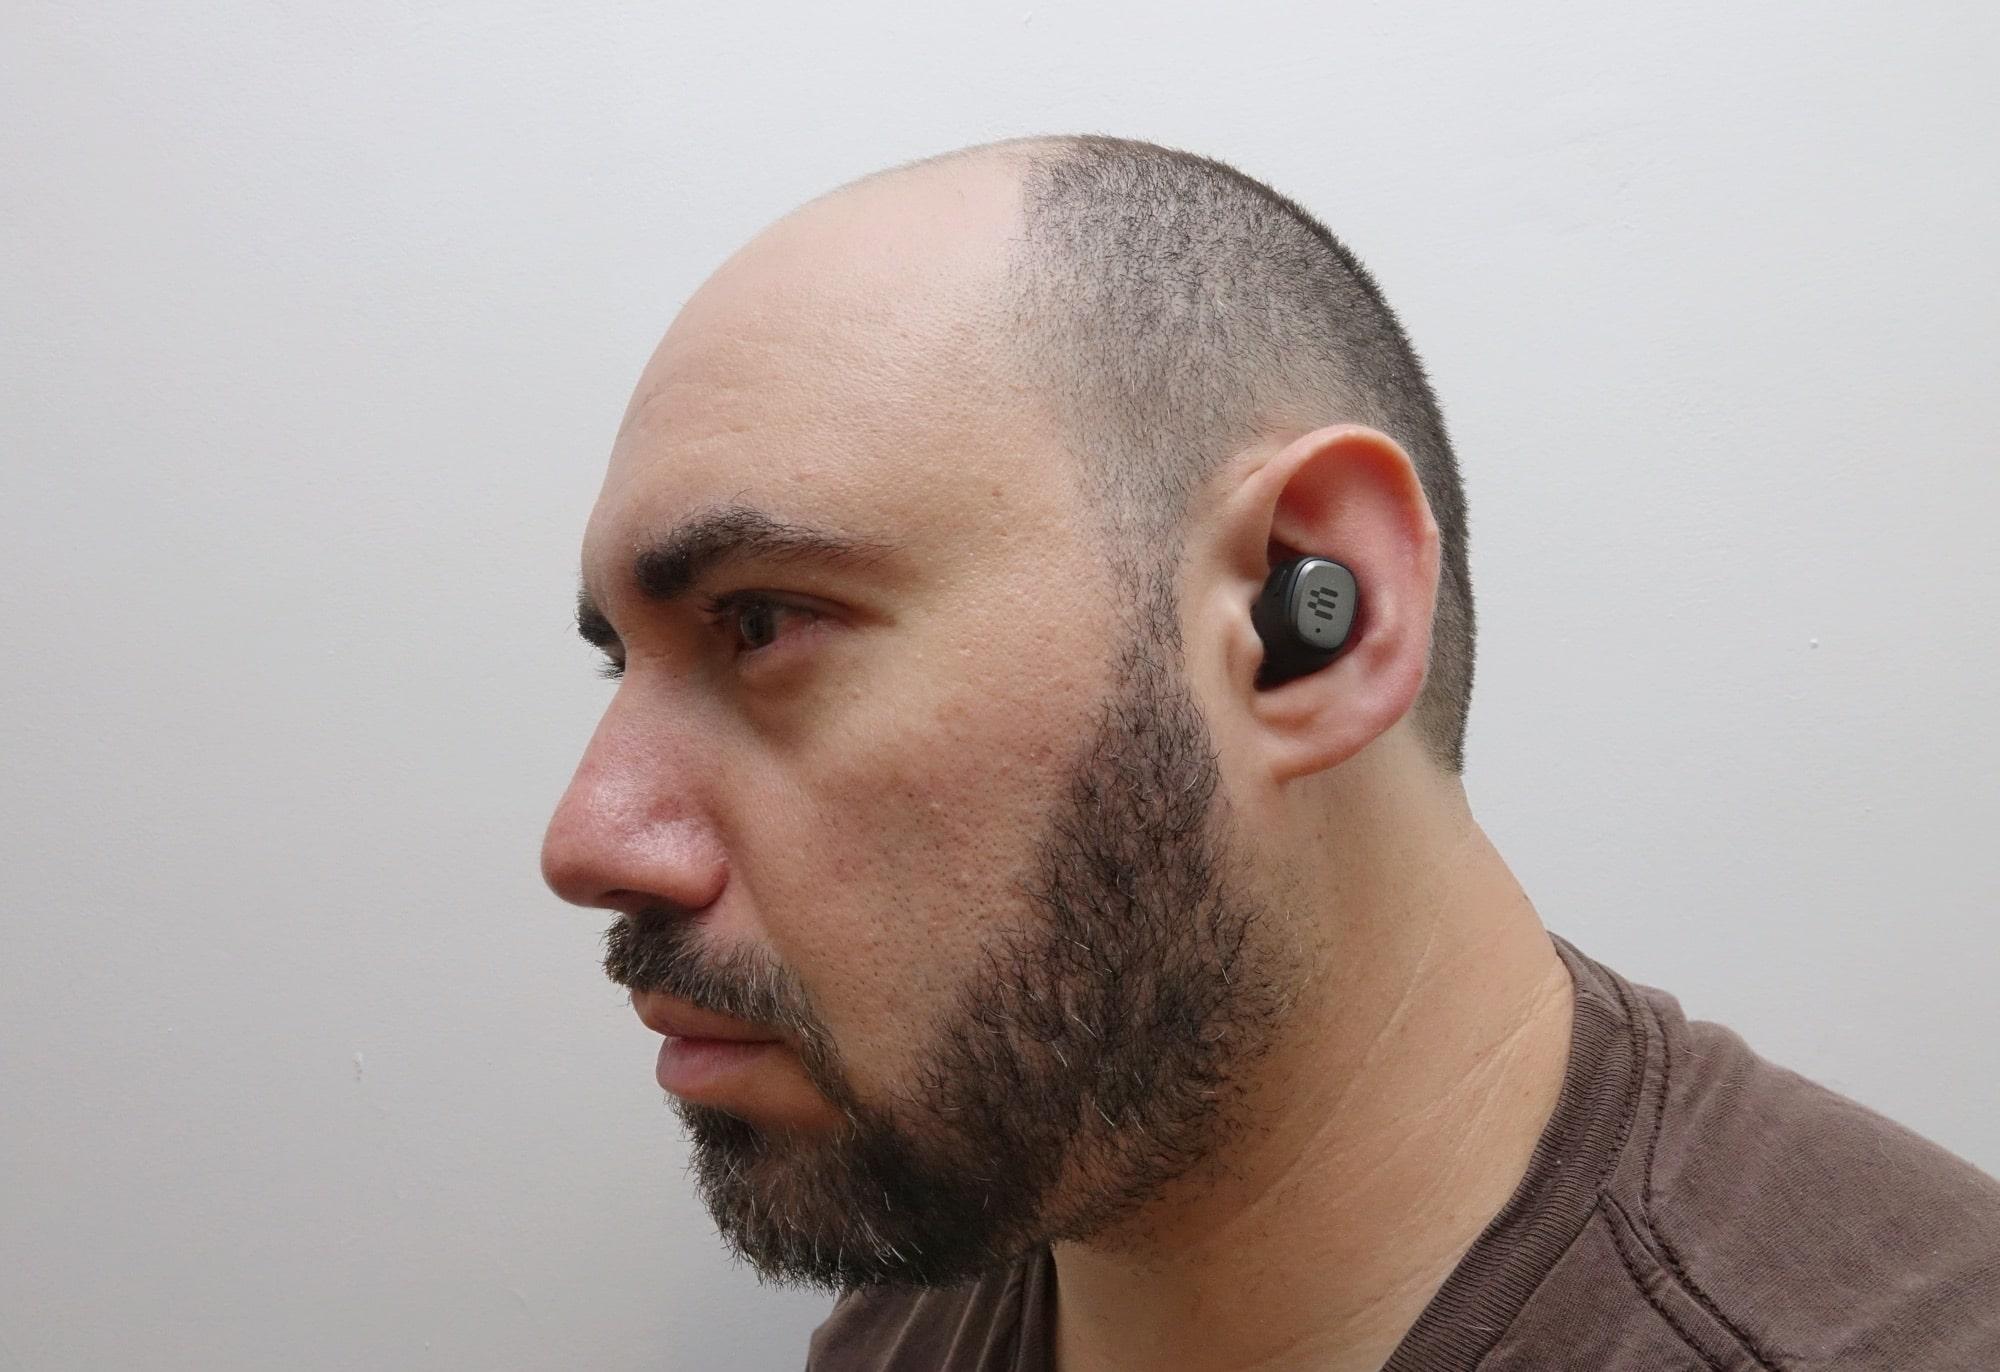 Wearing the GTW 270 earphones